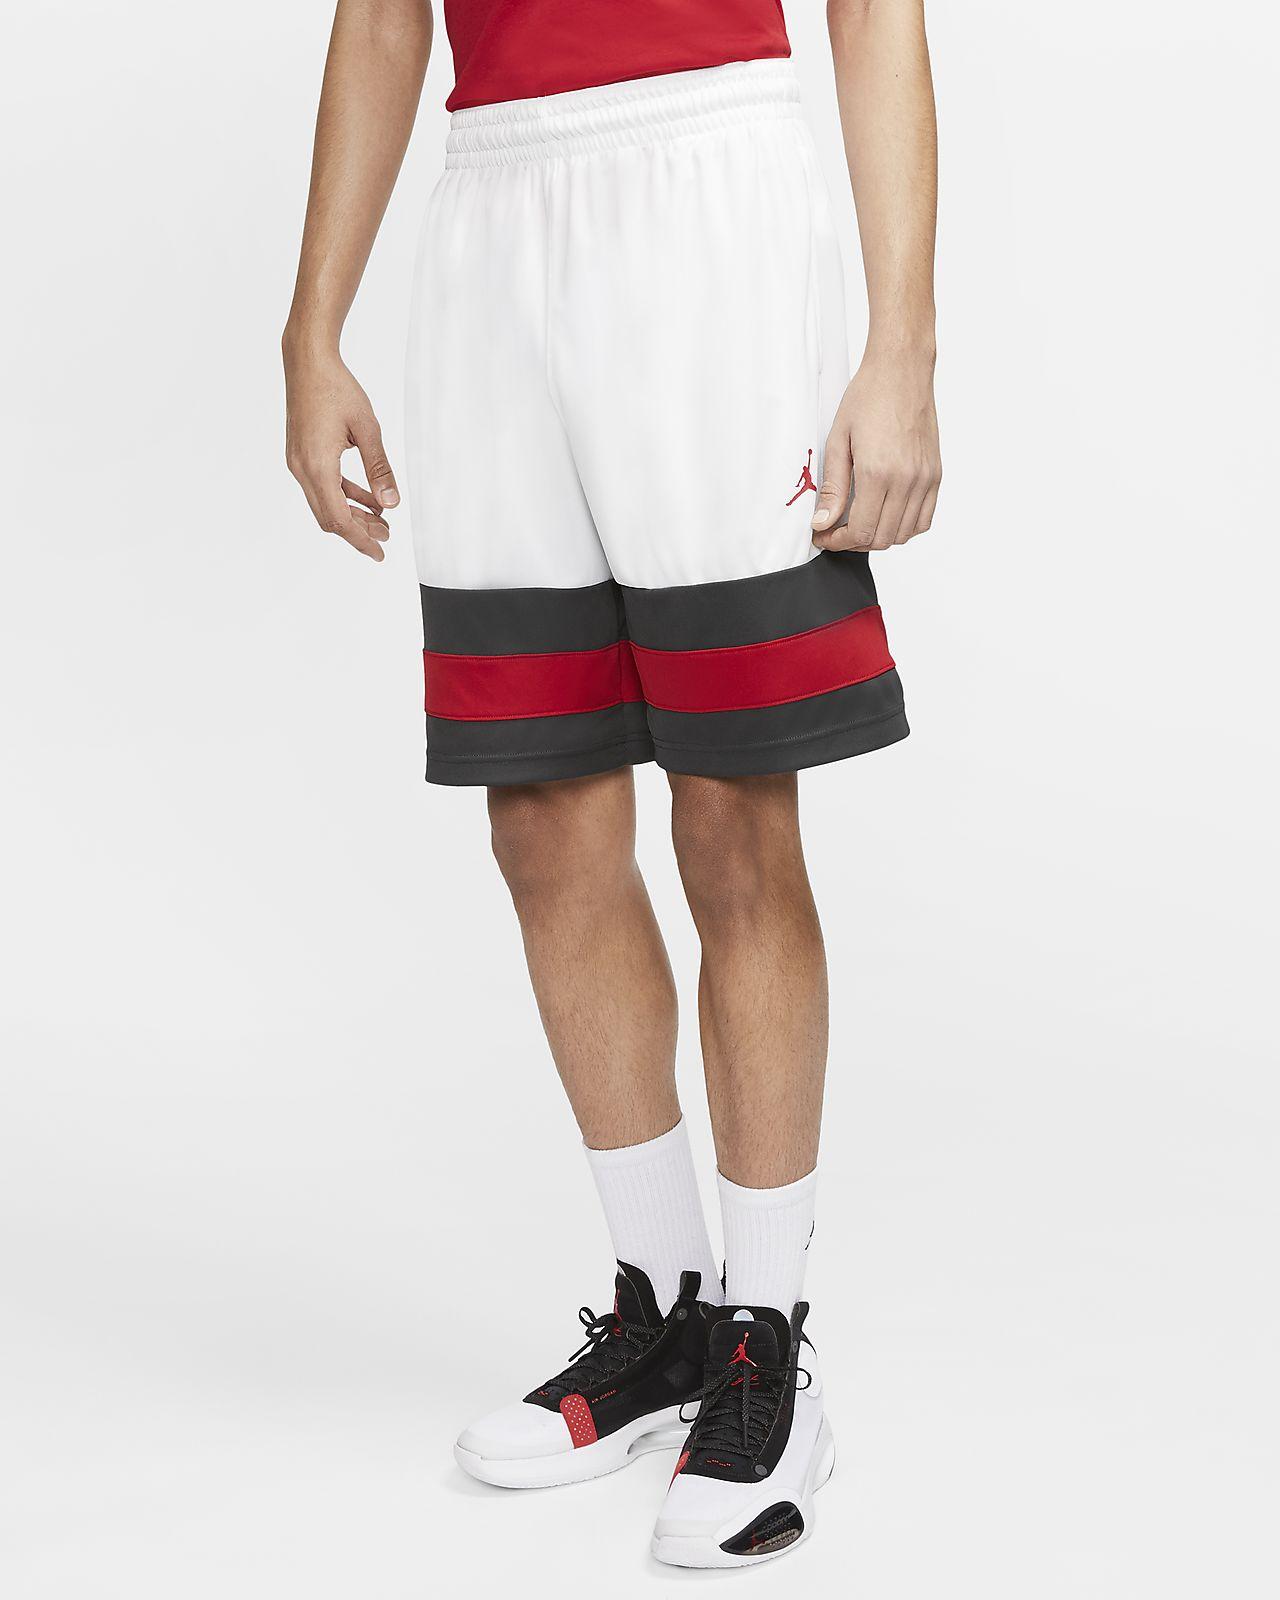 Jordan Jumpman Pantalons curts de bàsquet - Home